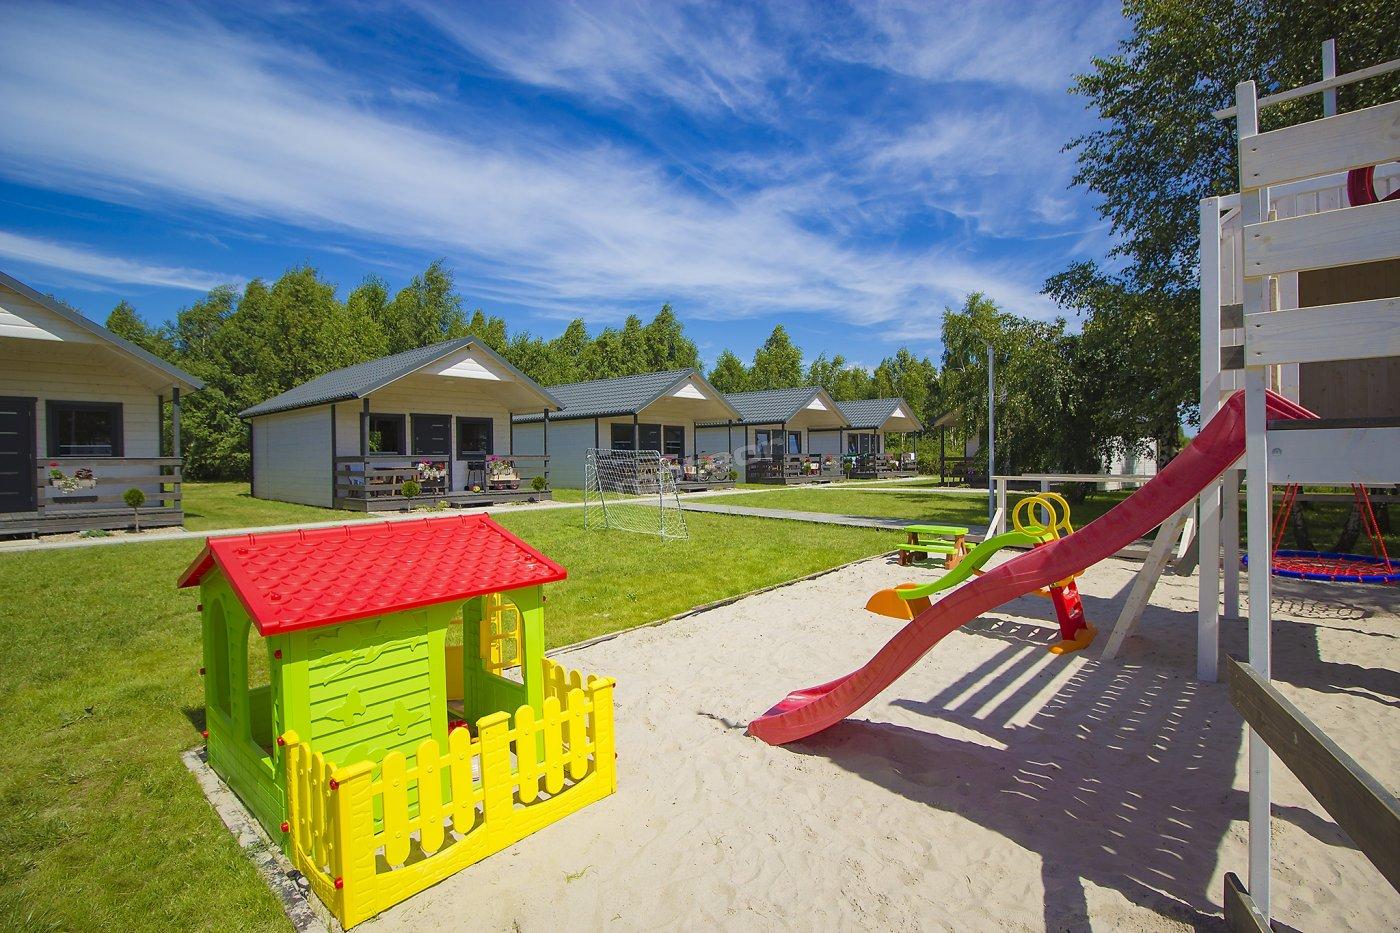 Duży plac zabaw z piaskiem morskim zapewnia doskonałe miejsce zabaw dla dzieci, które są jednocześnie widoczne z domków. Rodzice mogą w tym czasie się zrelaksować na werandzie